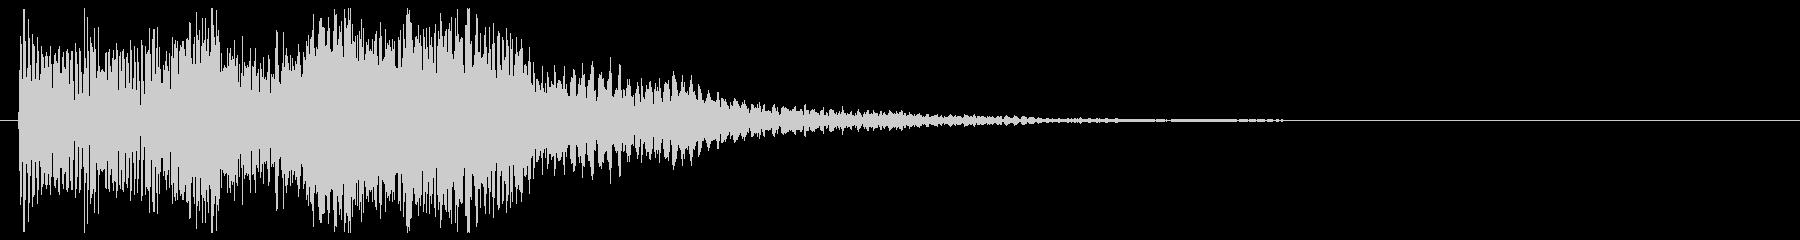 エレクトリックなピアノ 上昇音 タラララの未再生の波形